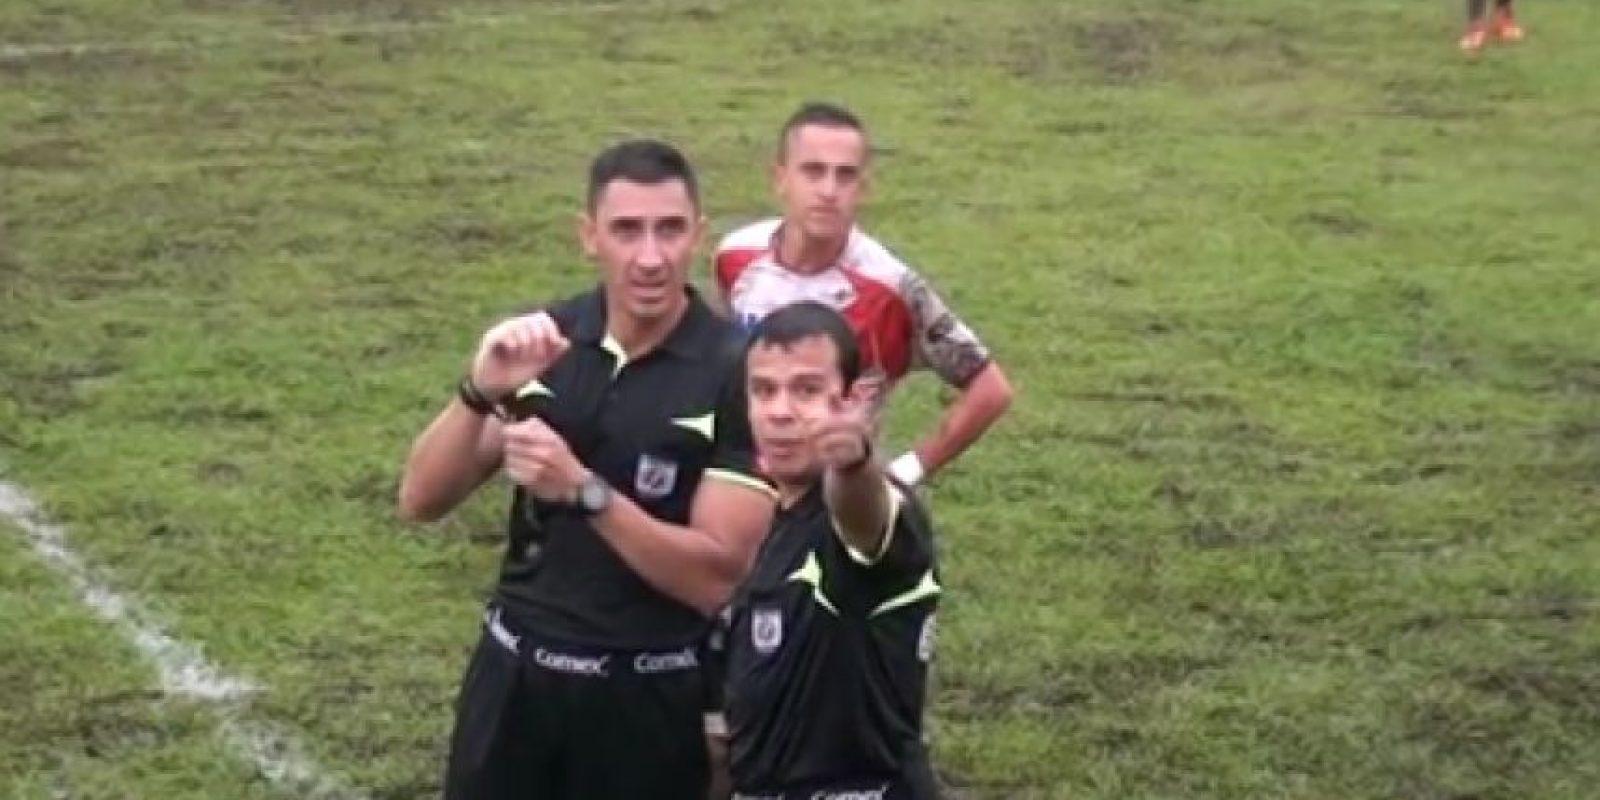 El árbitro y su asistente detuvieron las acciones del partido Foto:Vía twitter.com/stv